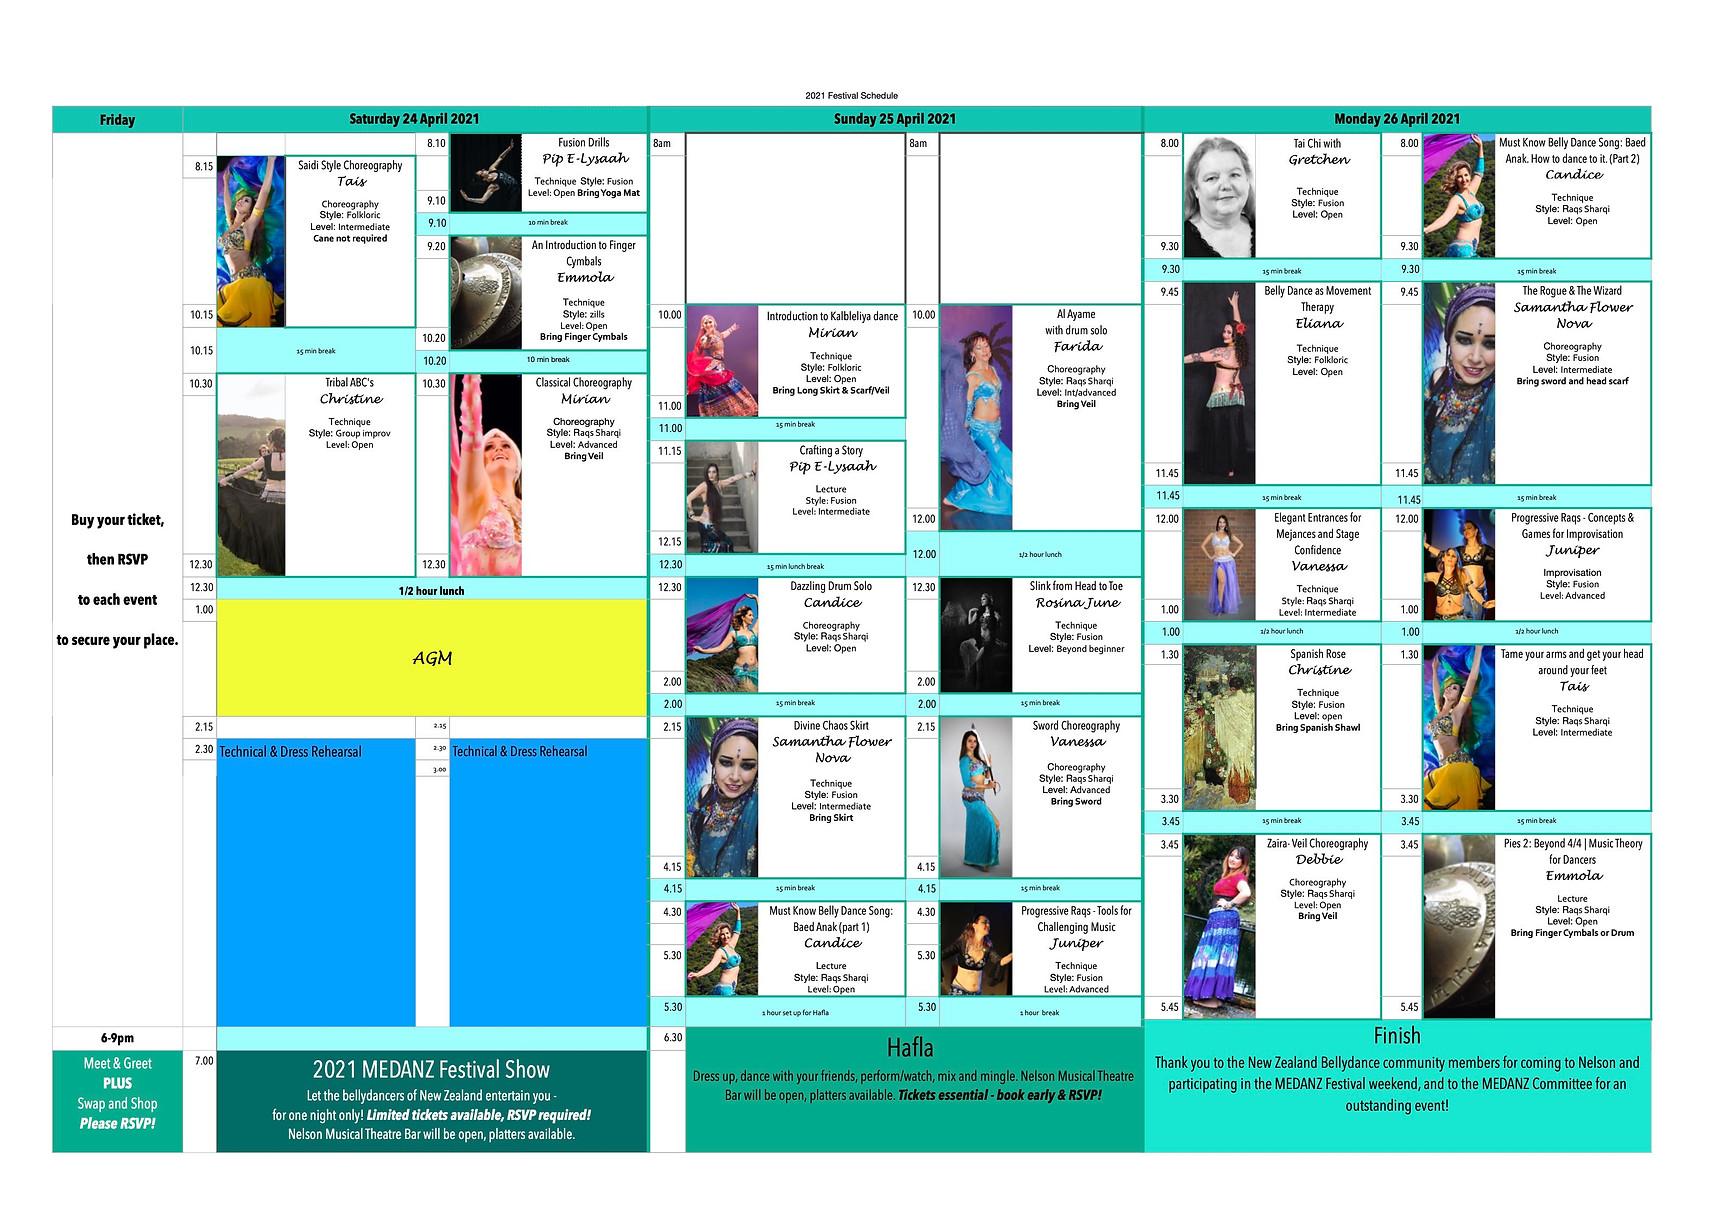 FestivalSchedule2021s.jpg